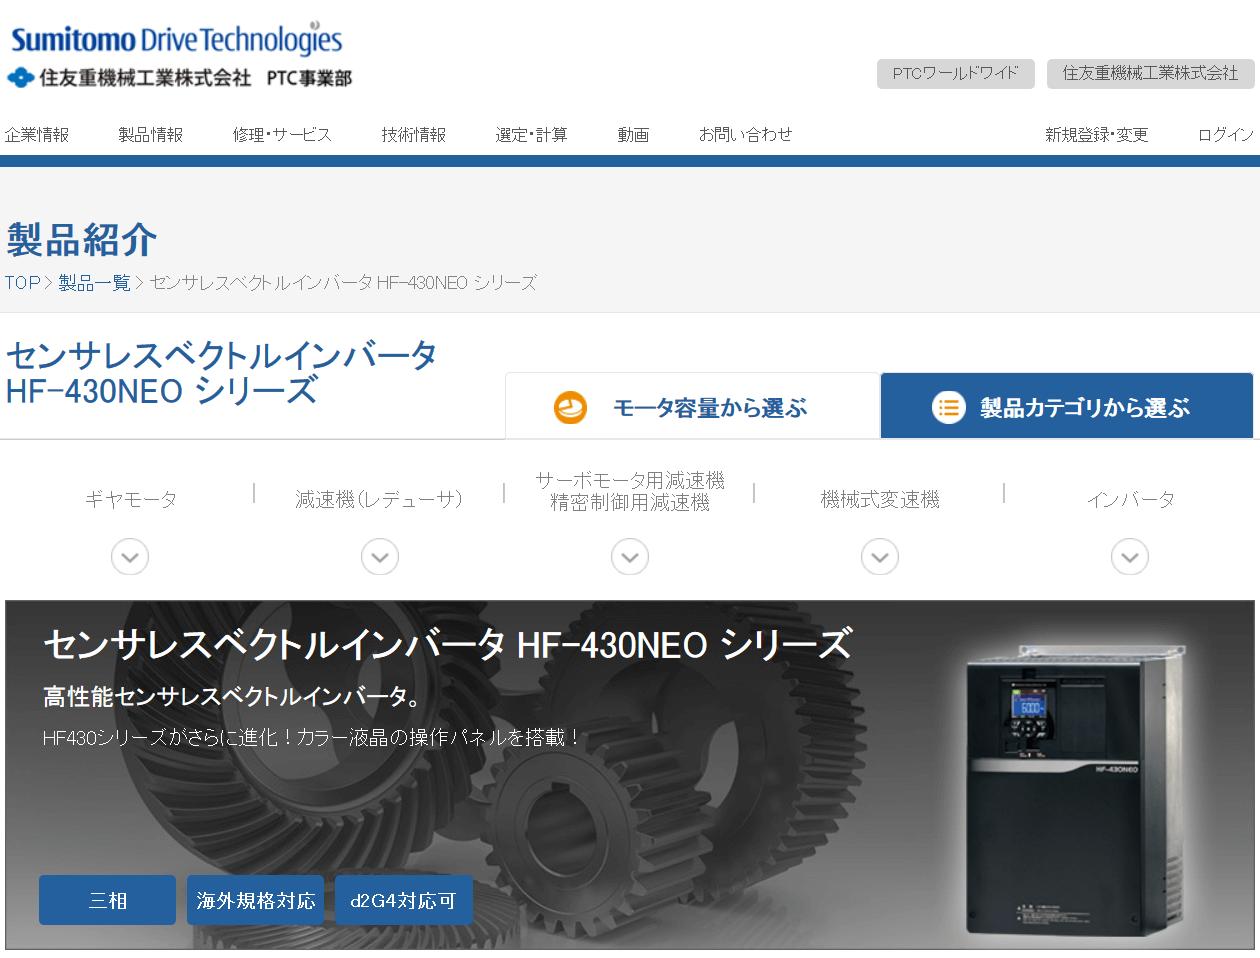 センサレスベクトルインバータ HF-430NEO シリーズ